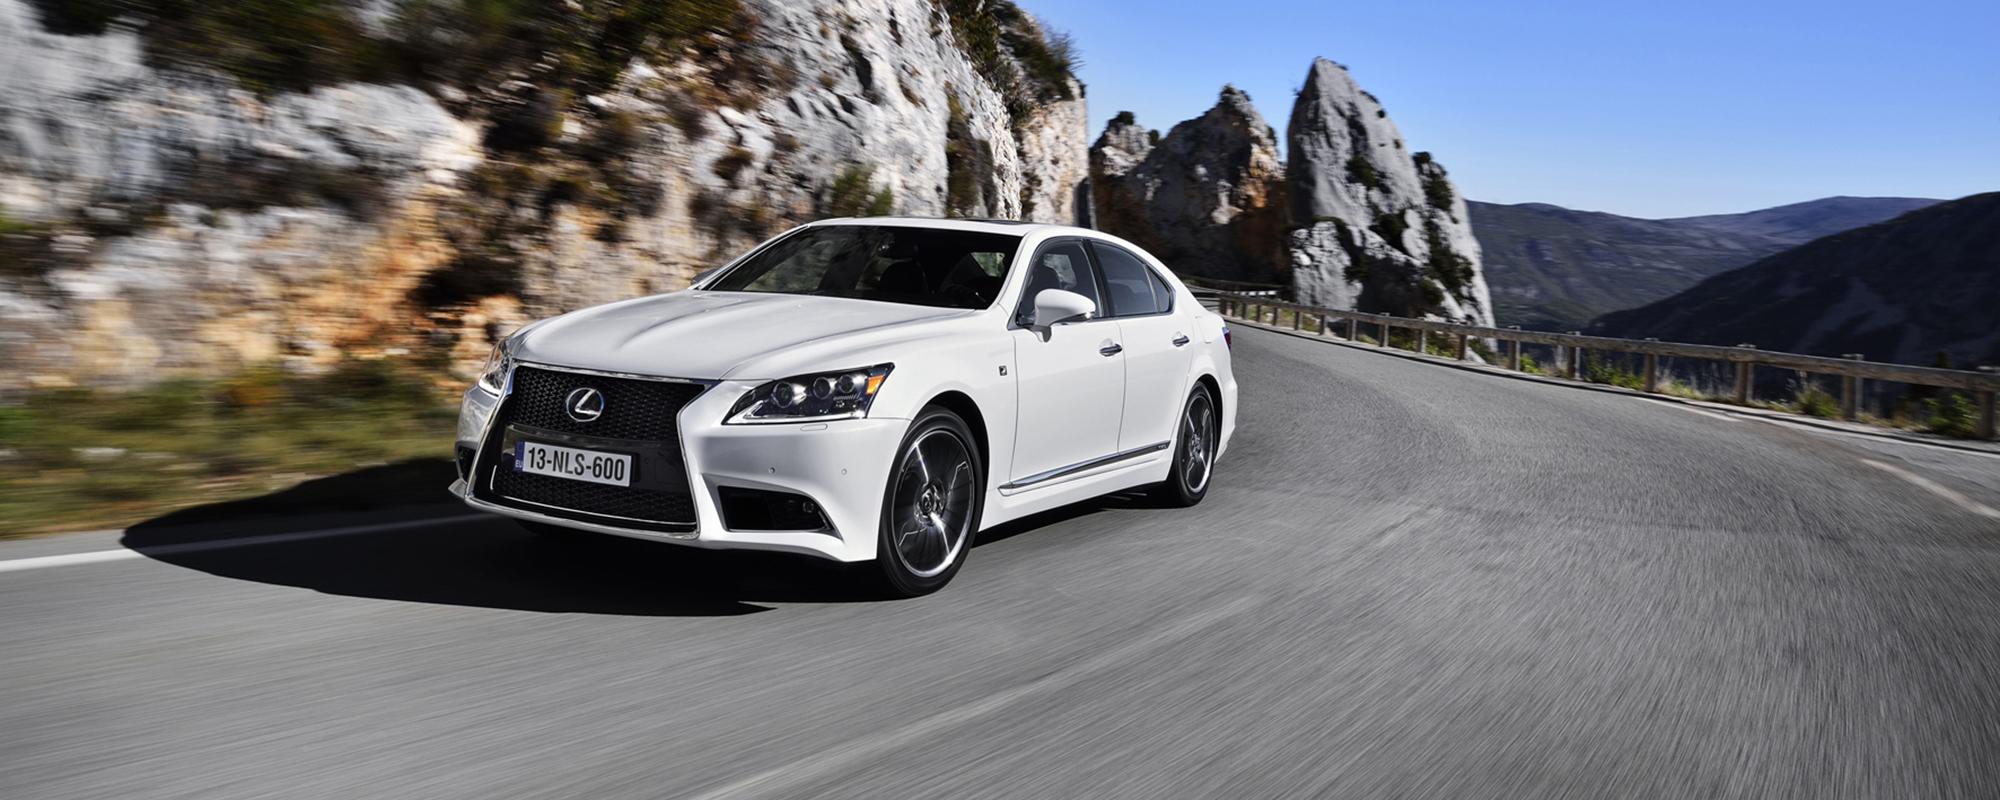 ADAC: Lexus heeft beste voetgangersdetectie